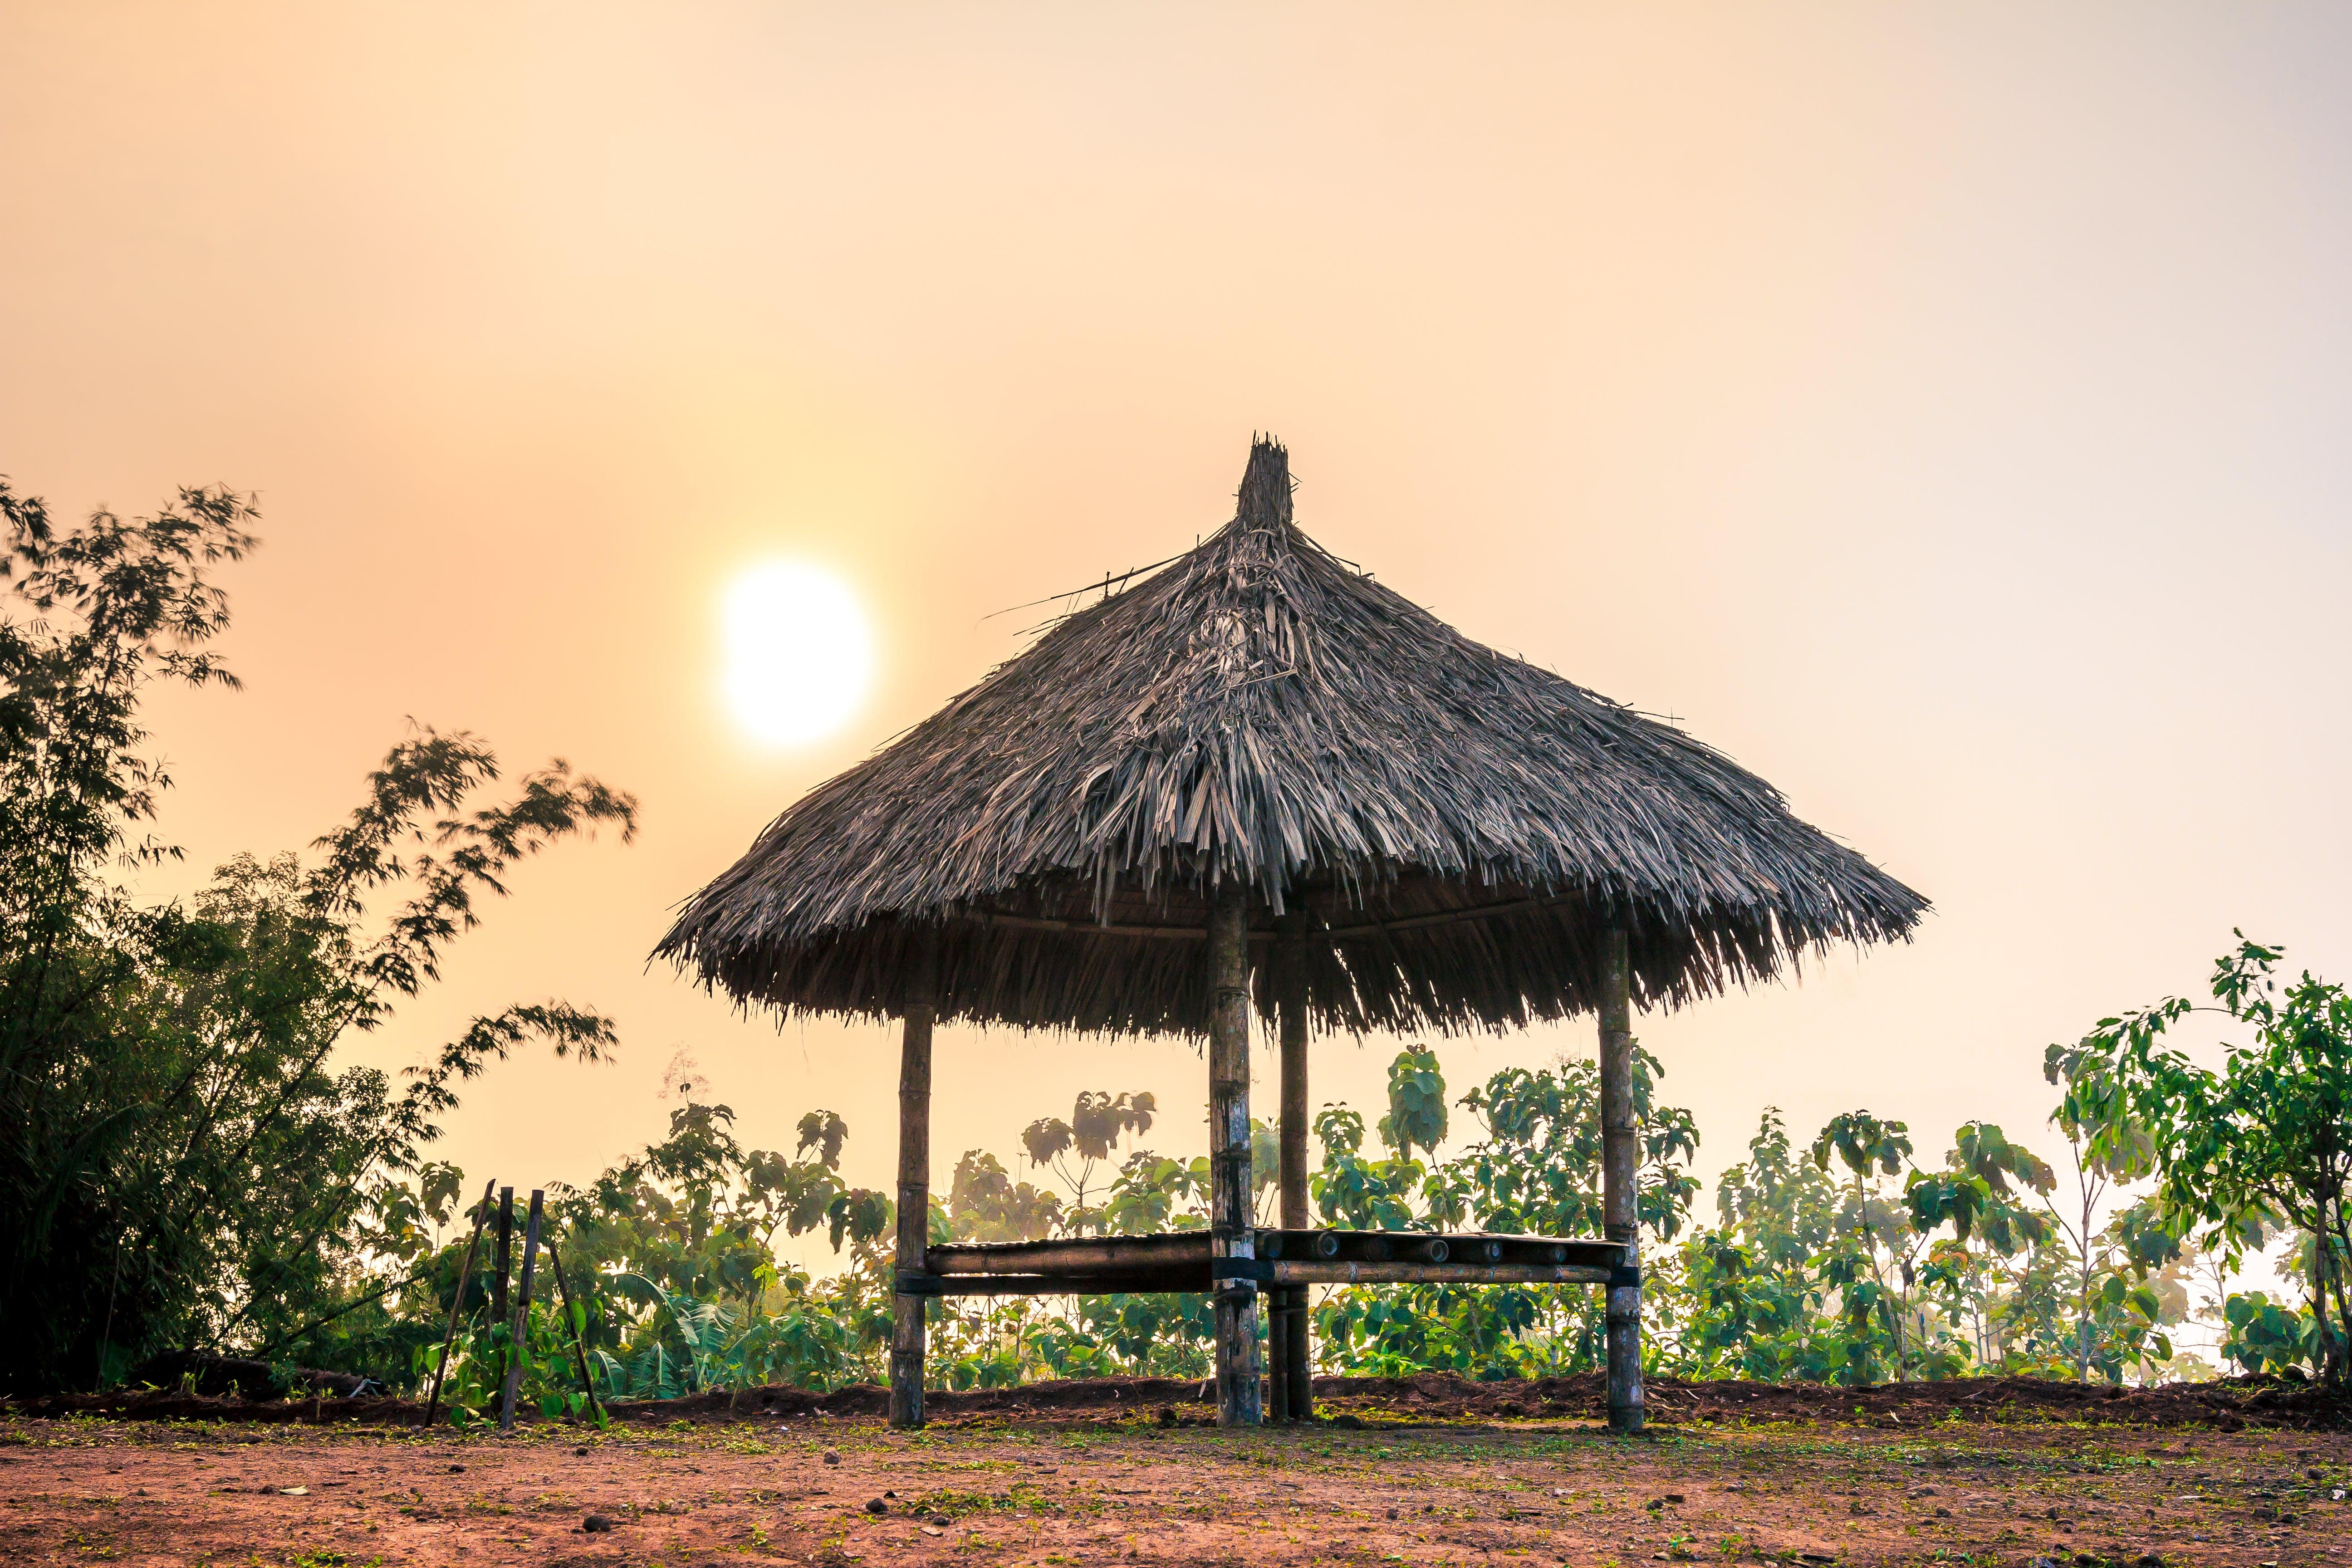 Free stock photo of sunset, beautiful, sunlight, HD wallpaper